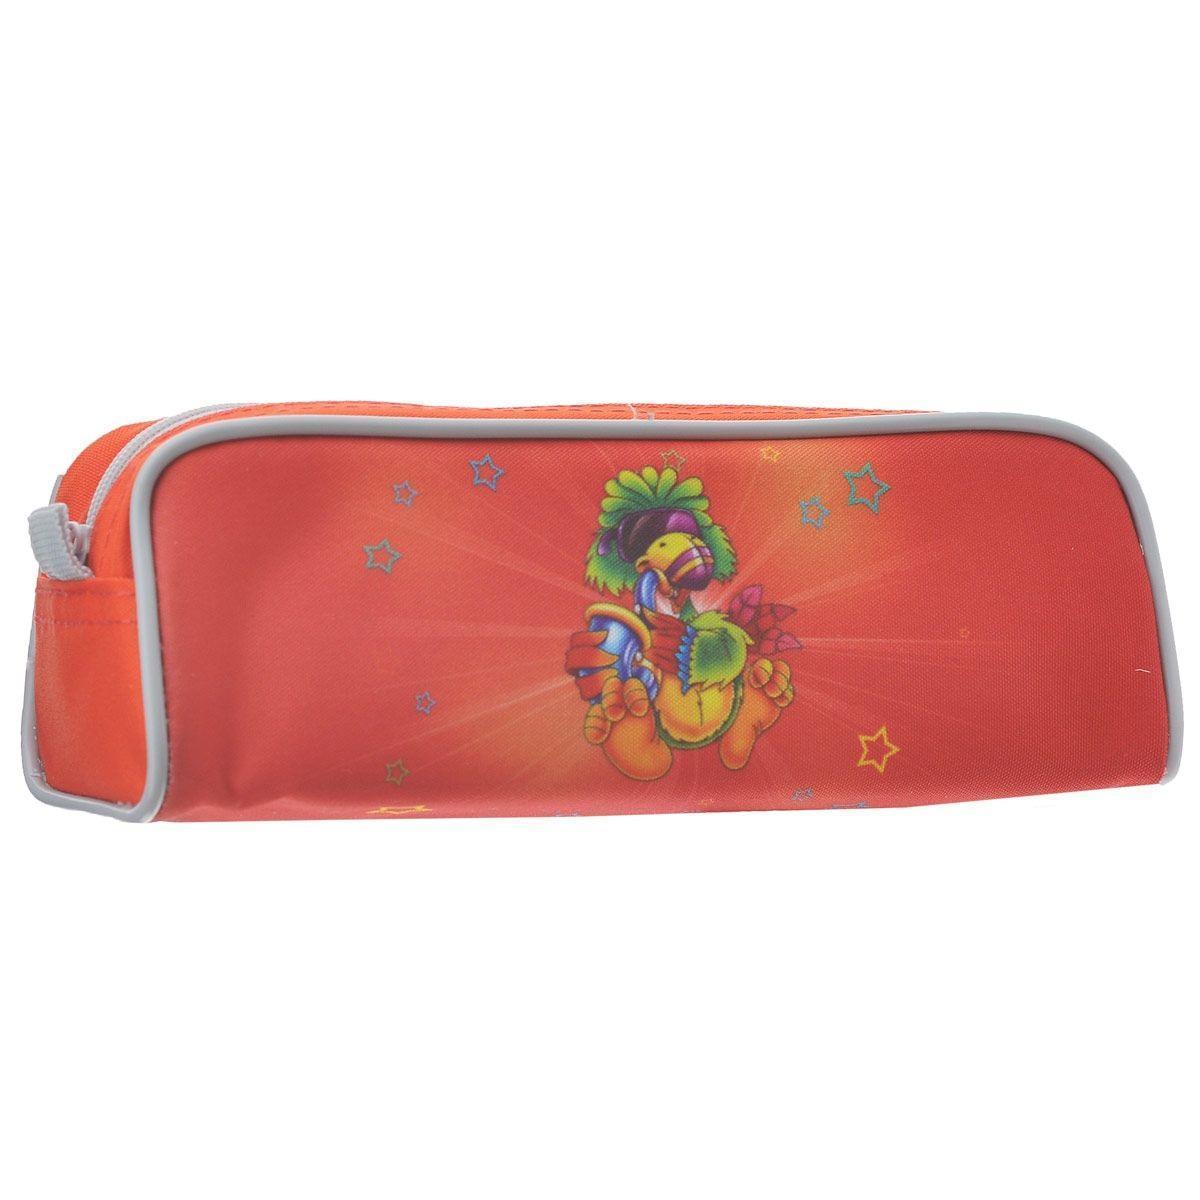 Пенал на молнии JOYFUL BIRDIE, без наполнения, 1 отделение, цвет: красный пенал односекционный tiger family joyful birdie цвет синий c36873